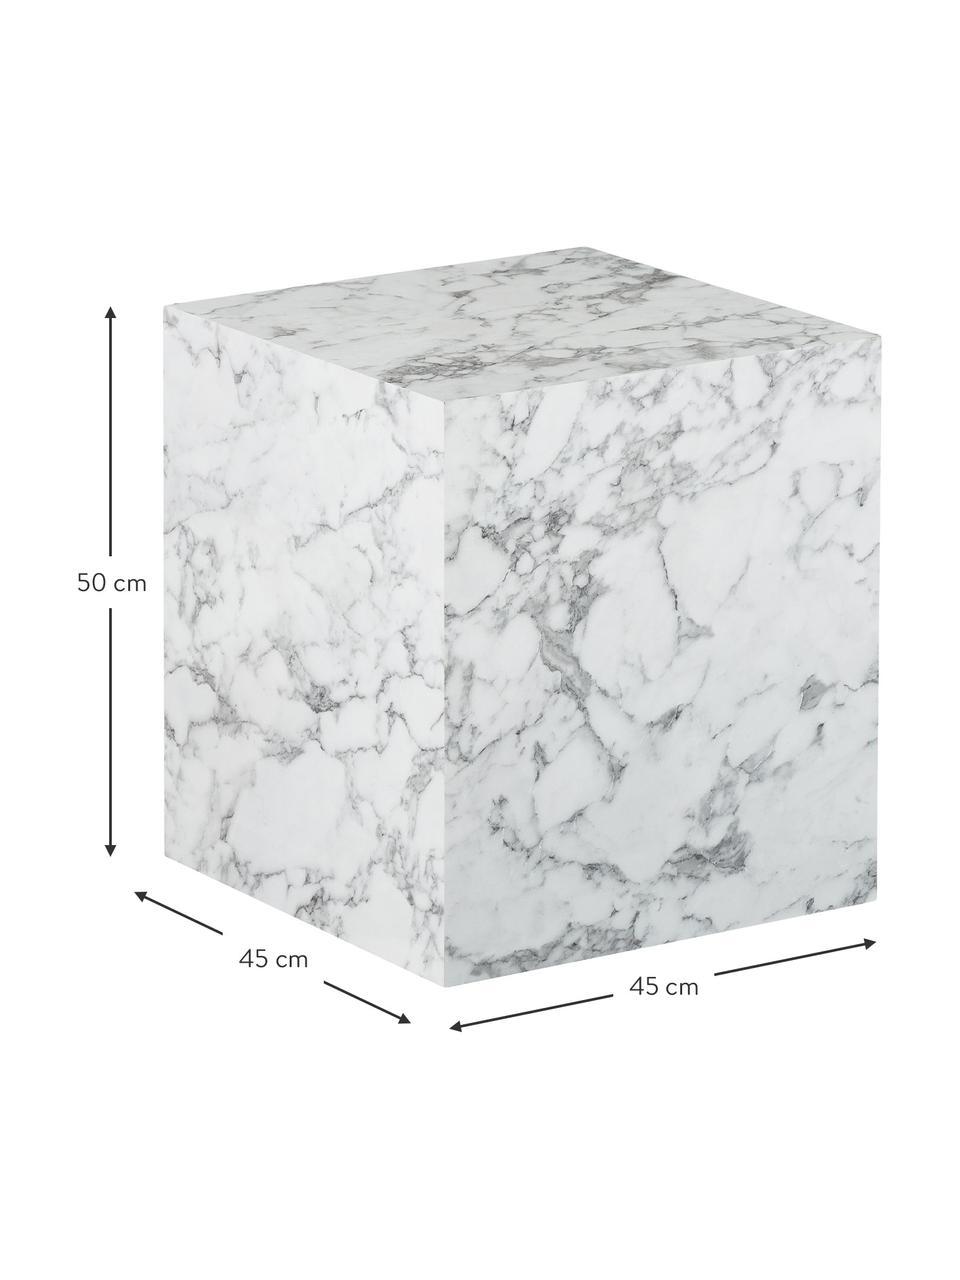 Beistelltisch Lesley in Marmoroptik, Mitteldichte Holzfaserplatte (MDF), mit Melaminfolie überzogen, Weiß, Marmoroptik, 45 x 50 cm